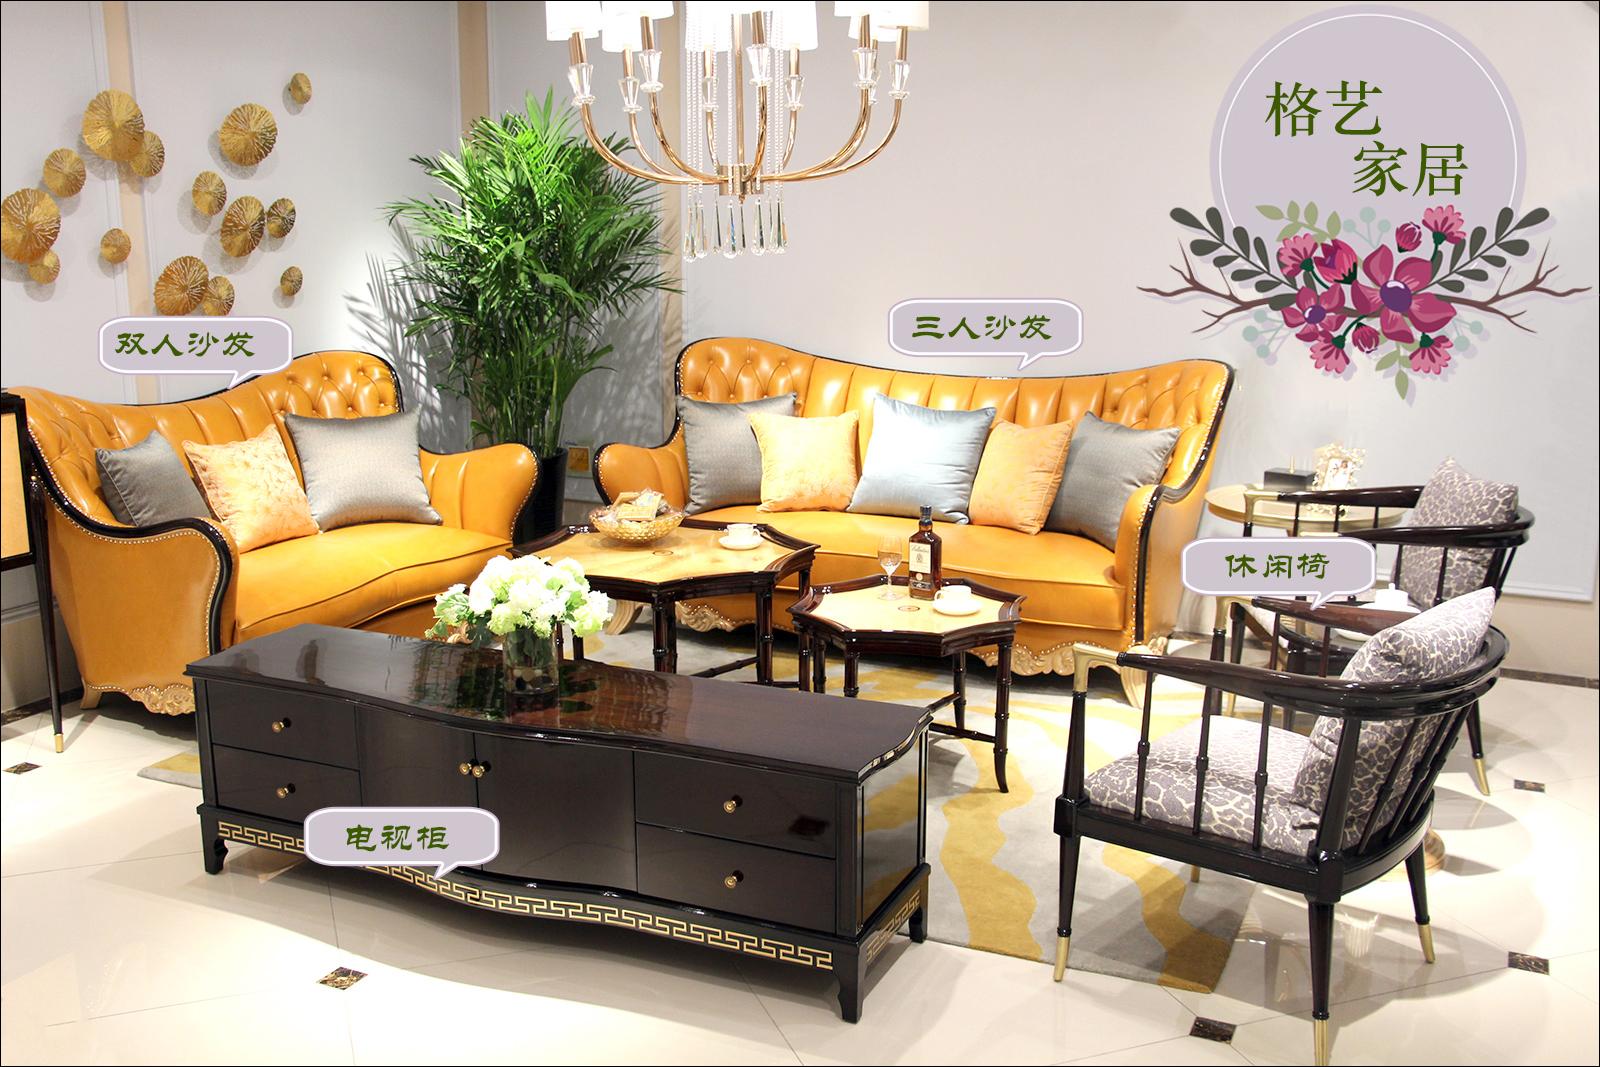 格艺家居欧式设计尊享高端生活品质